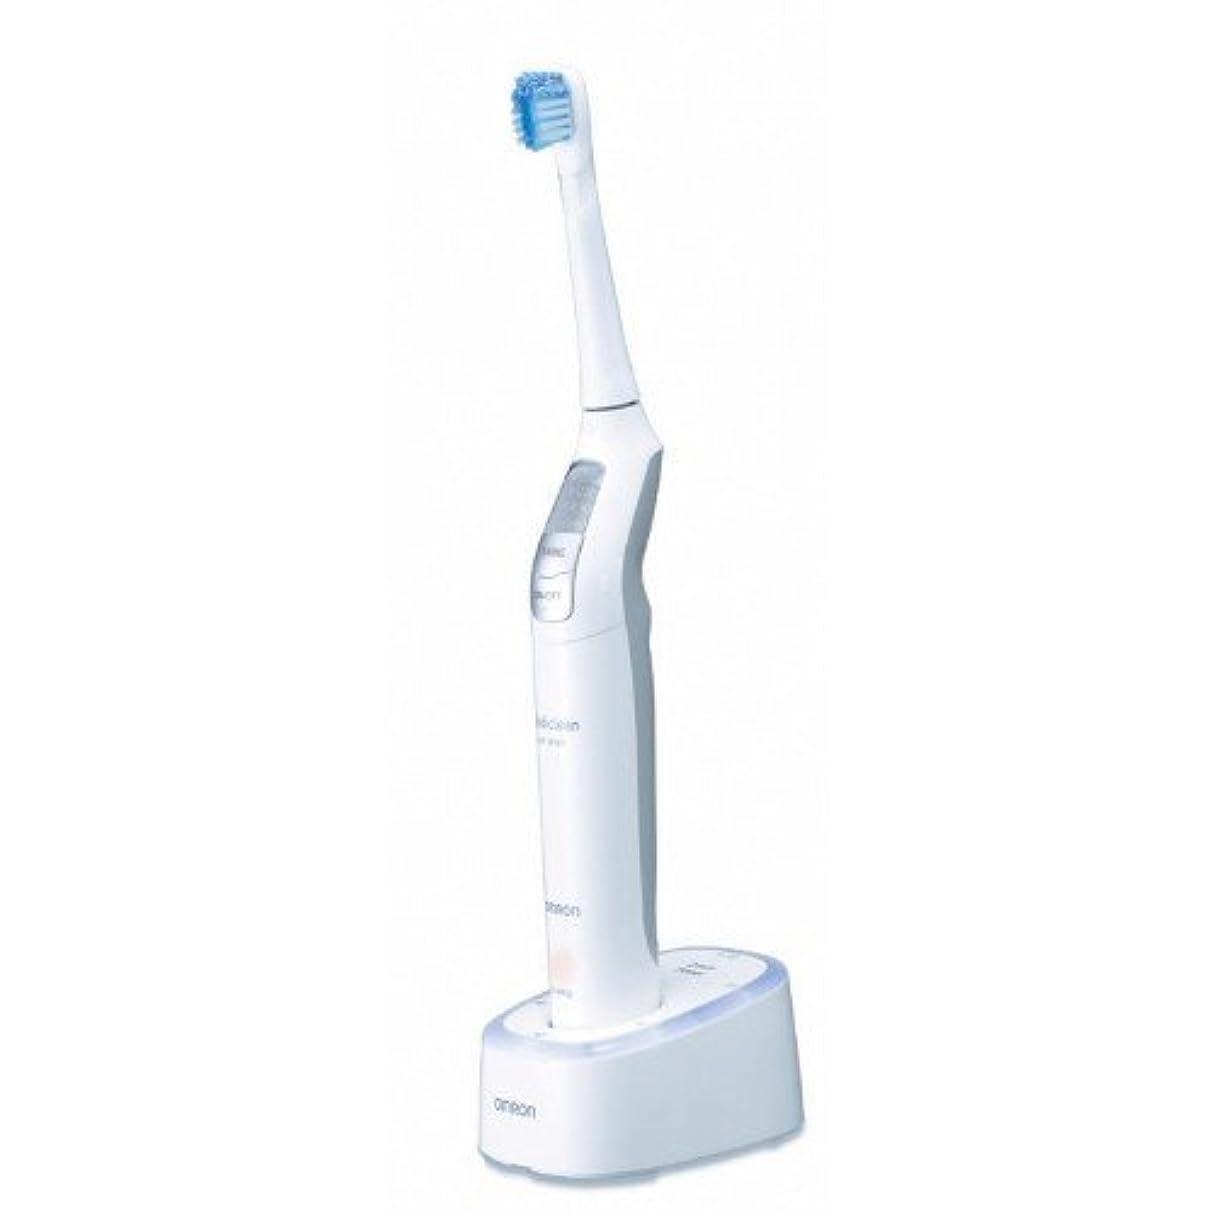 ランドマーク含める人口オムロン 音波式電動歯ブラシ メディクリーン HT-B551